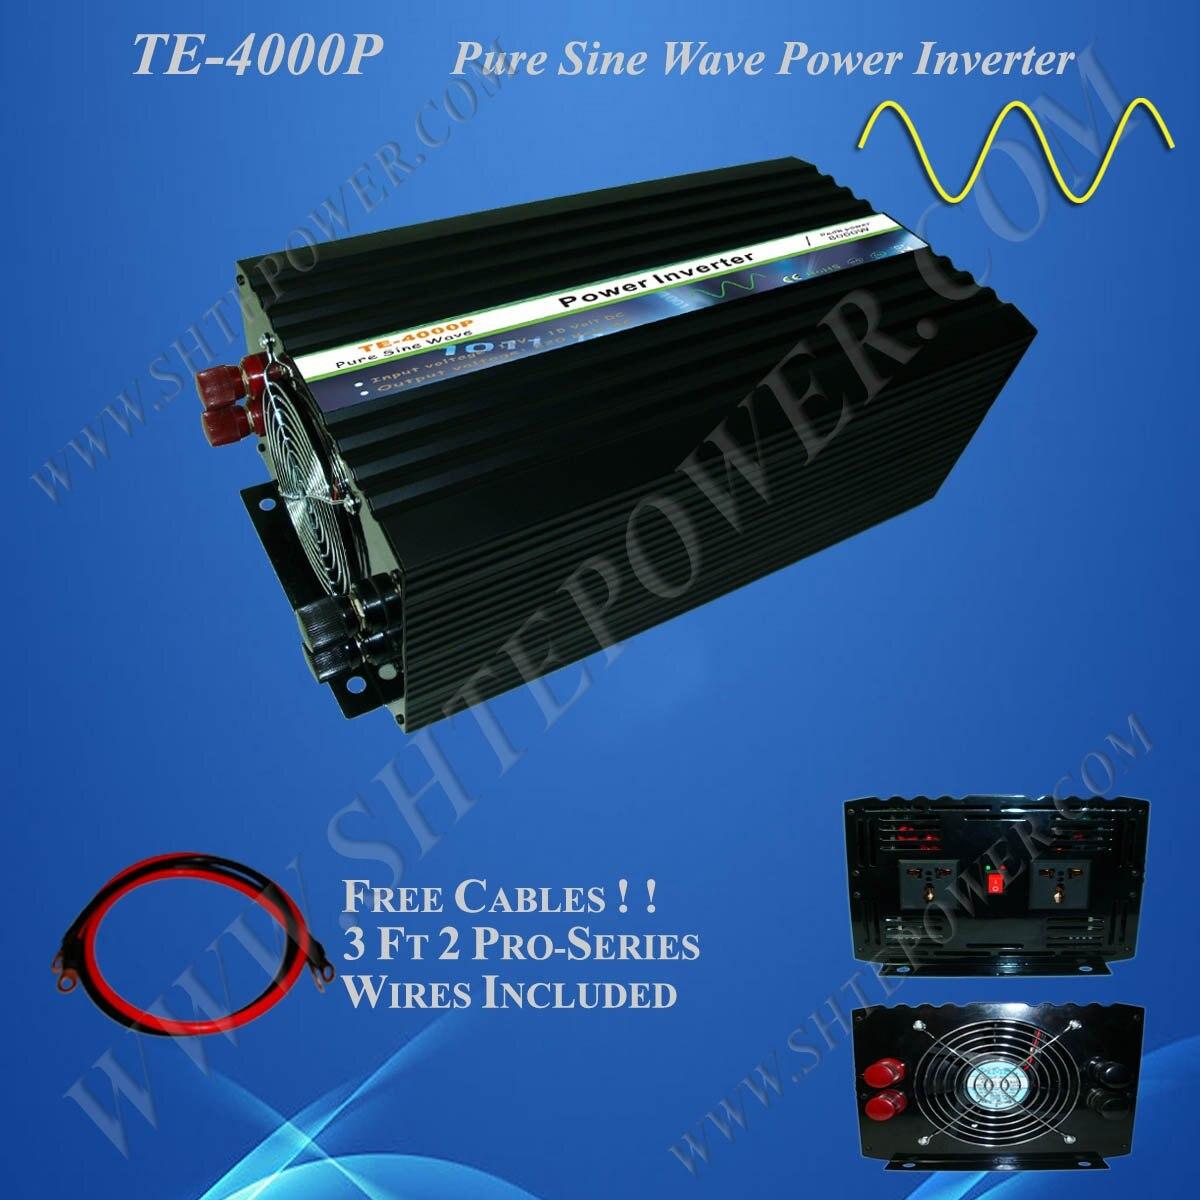 Onduleur solaire 4000 w, onduleur hors réseau, DC 12 v à AC 100/110/120 v, onduleur à onde sinusoïdale pure, articles chauds